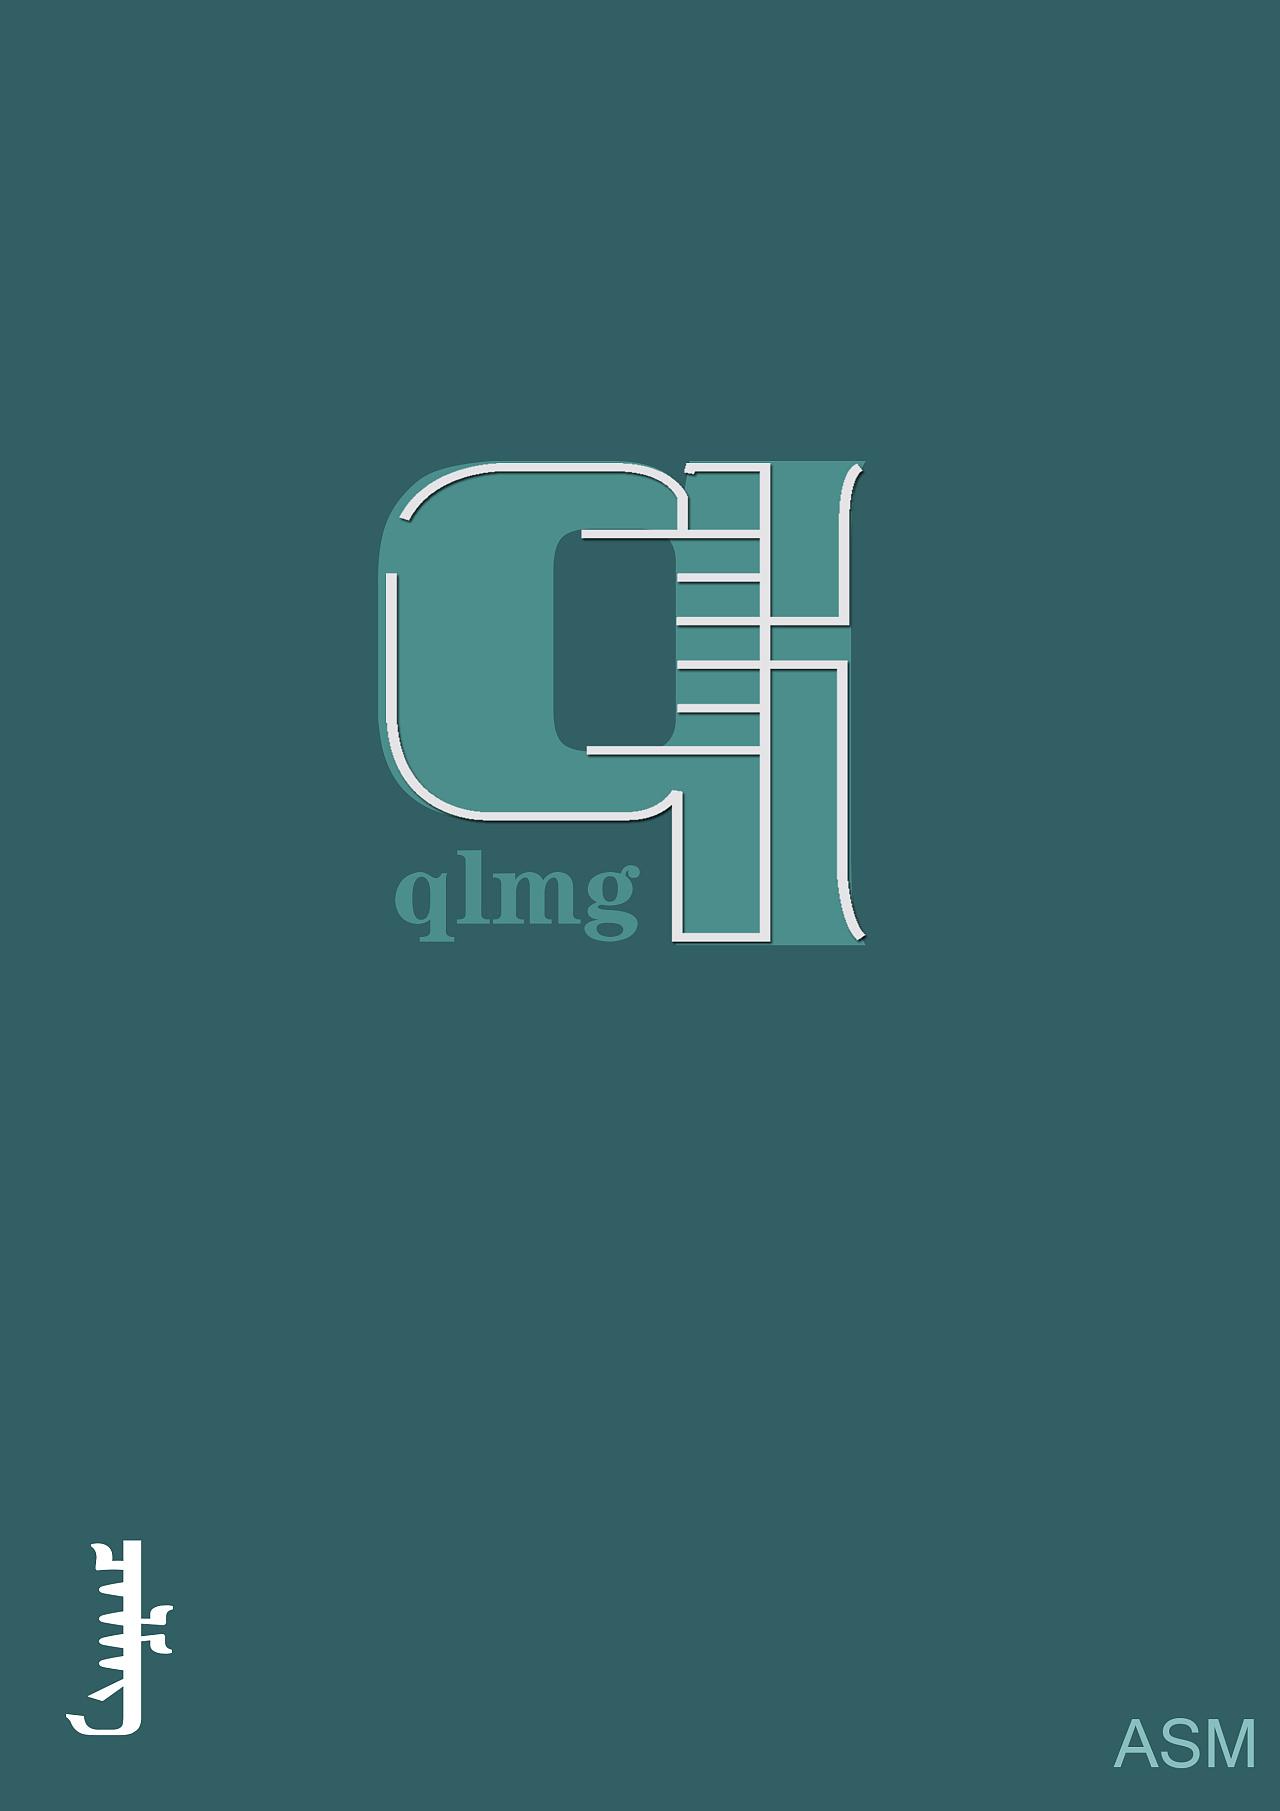 蒙古艺术文字2 -阿斯玛设计 第1张